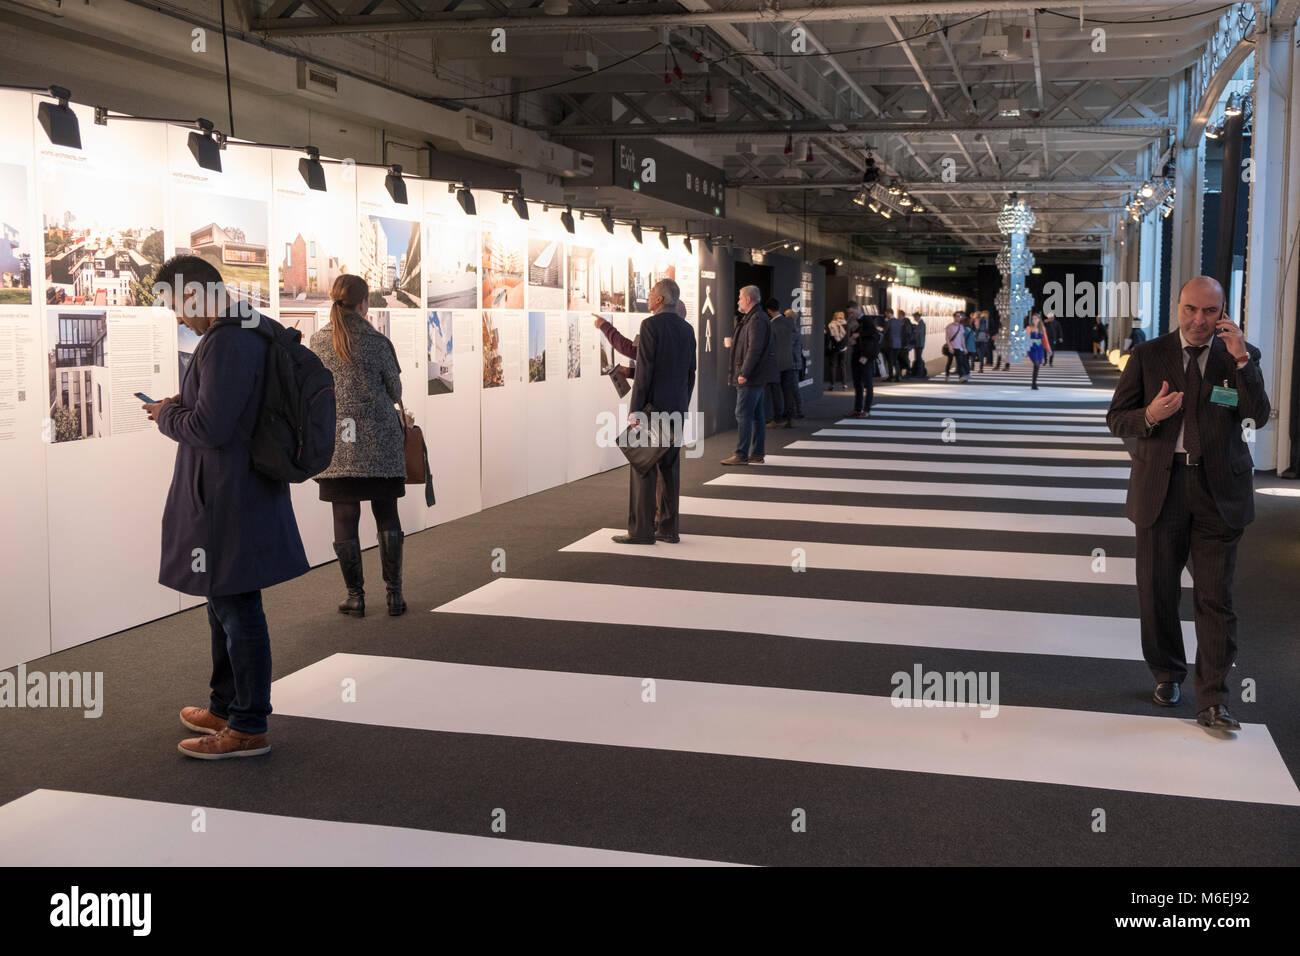 Une exposition au salon Architects@Work, Olympia, le 25 janvier 2018 Banque D'Images